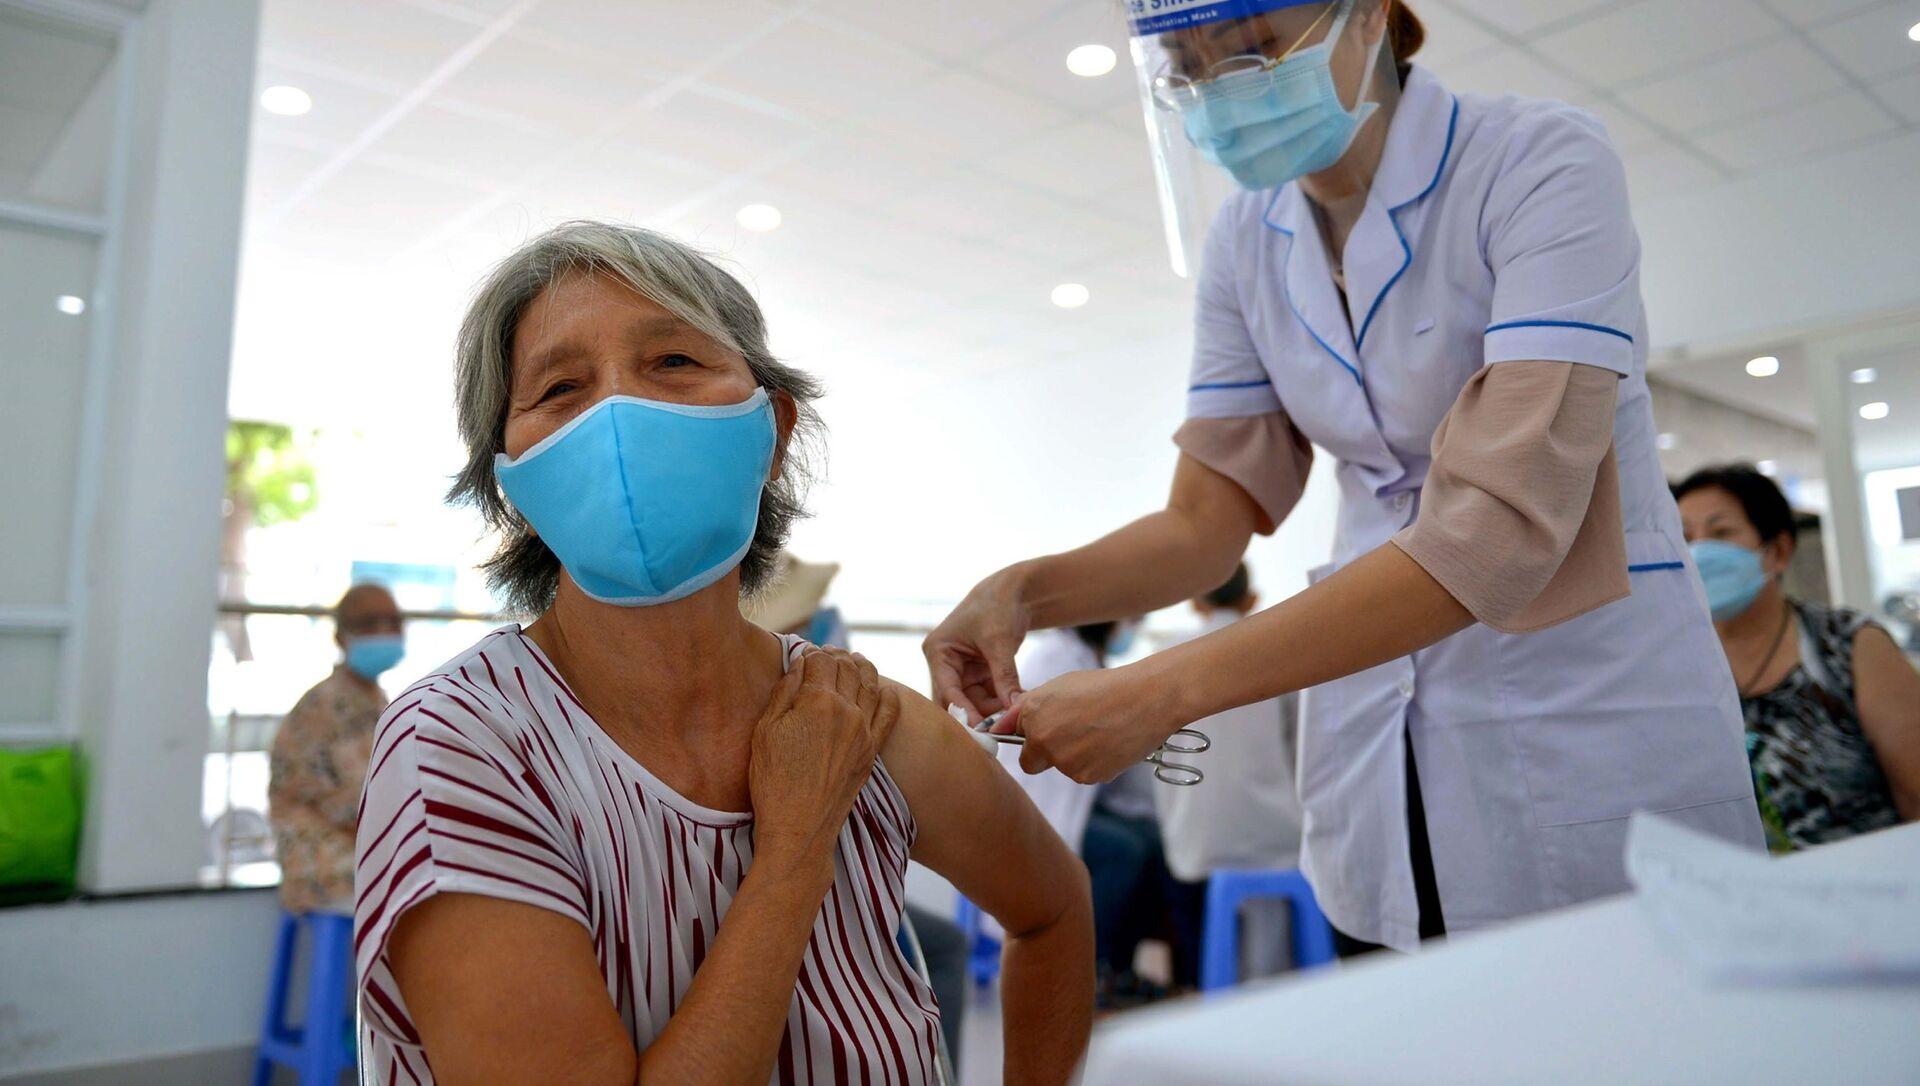 TP. Hồ Chí Minh: Nỗ lực đưa vaccine đến người nghèo, cao tuổi, diện chính sách - Sputnik Việt Nam, 1920, 01.08.2021